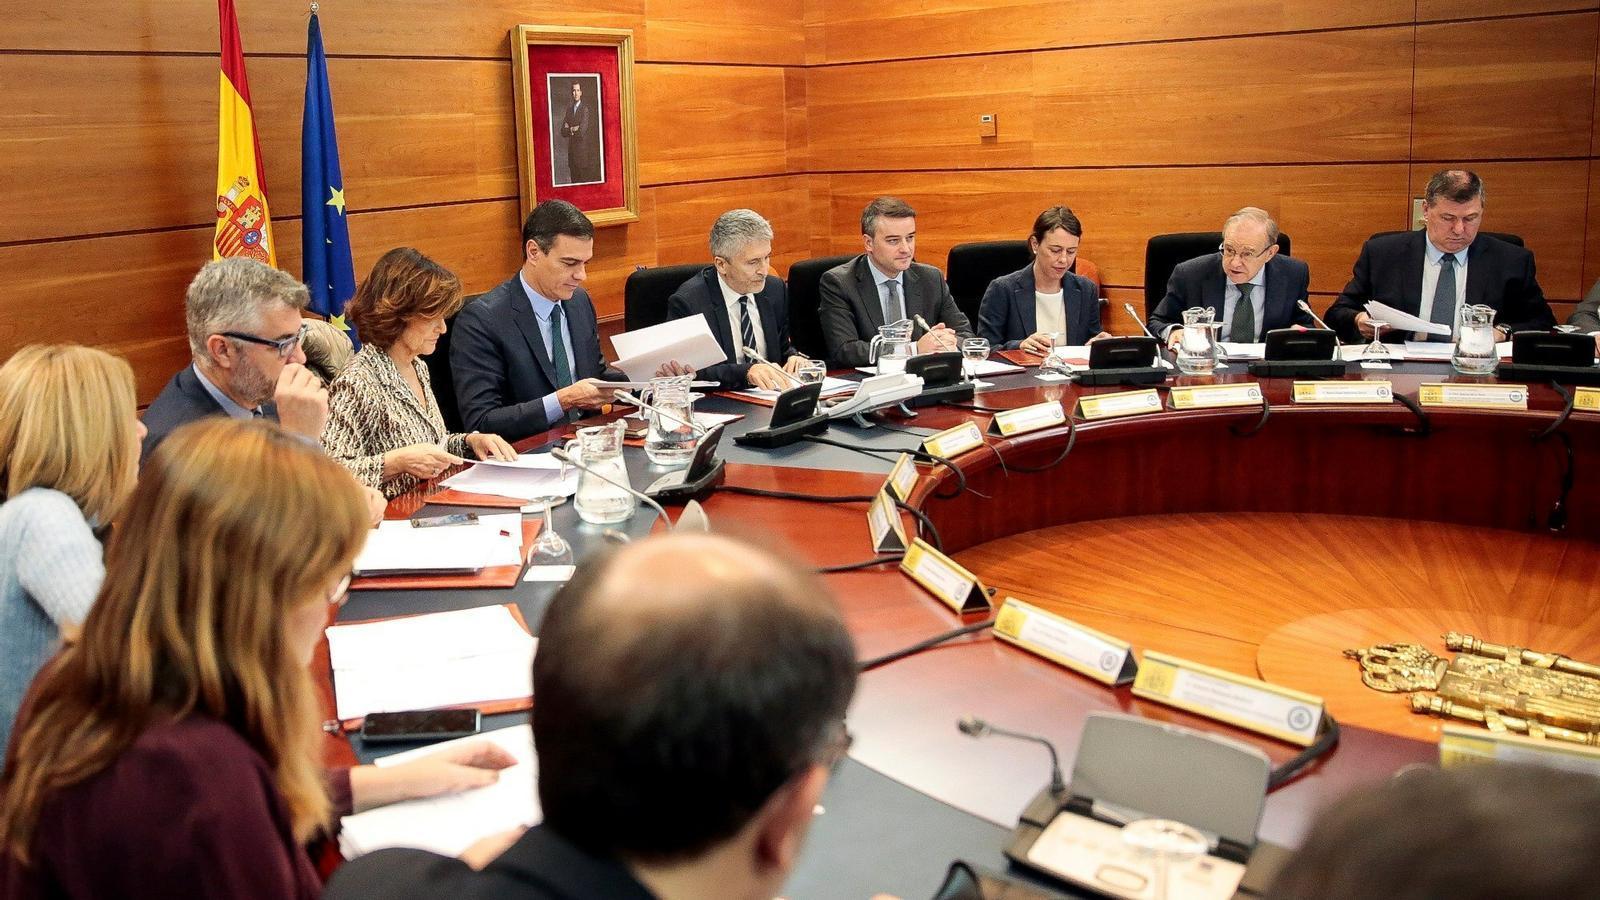 Sánchez presideix la reunió del comitè de coordinació sobre Catalunya en la jornada de reflexió pels actes del Tsunami